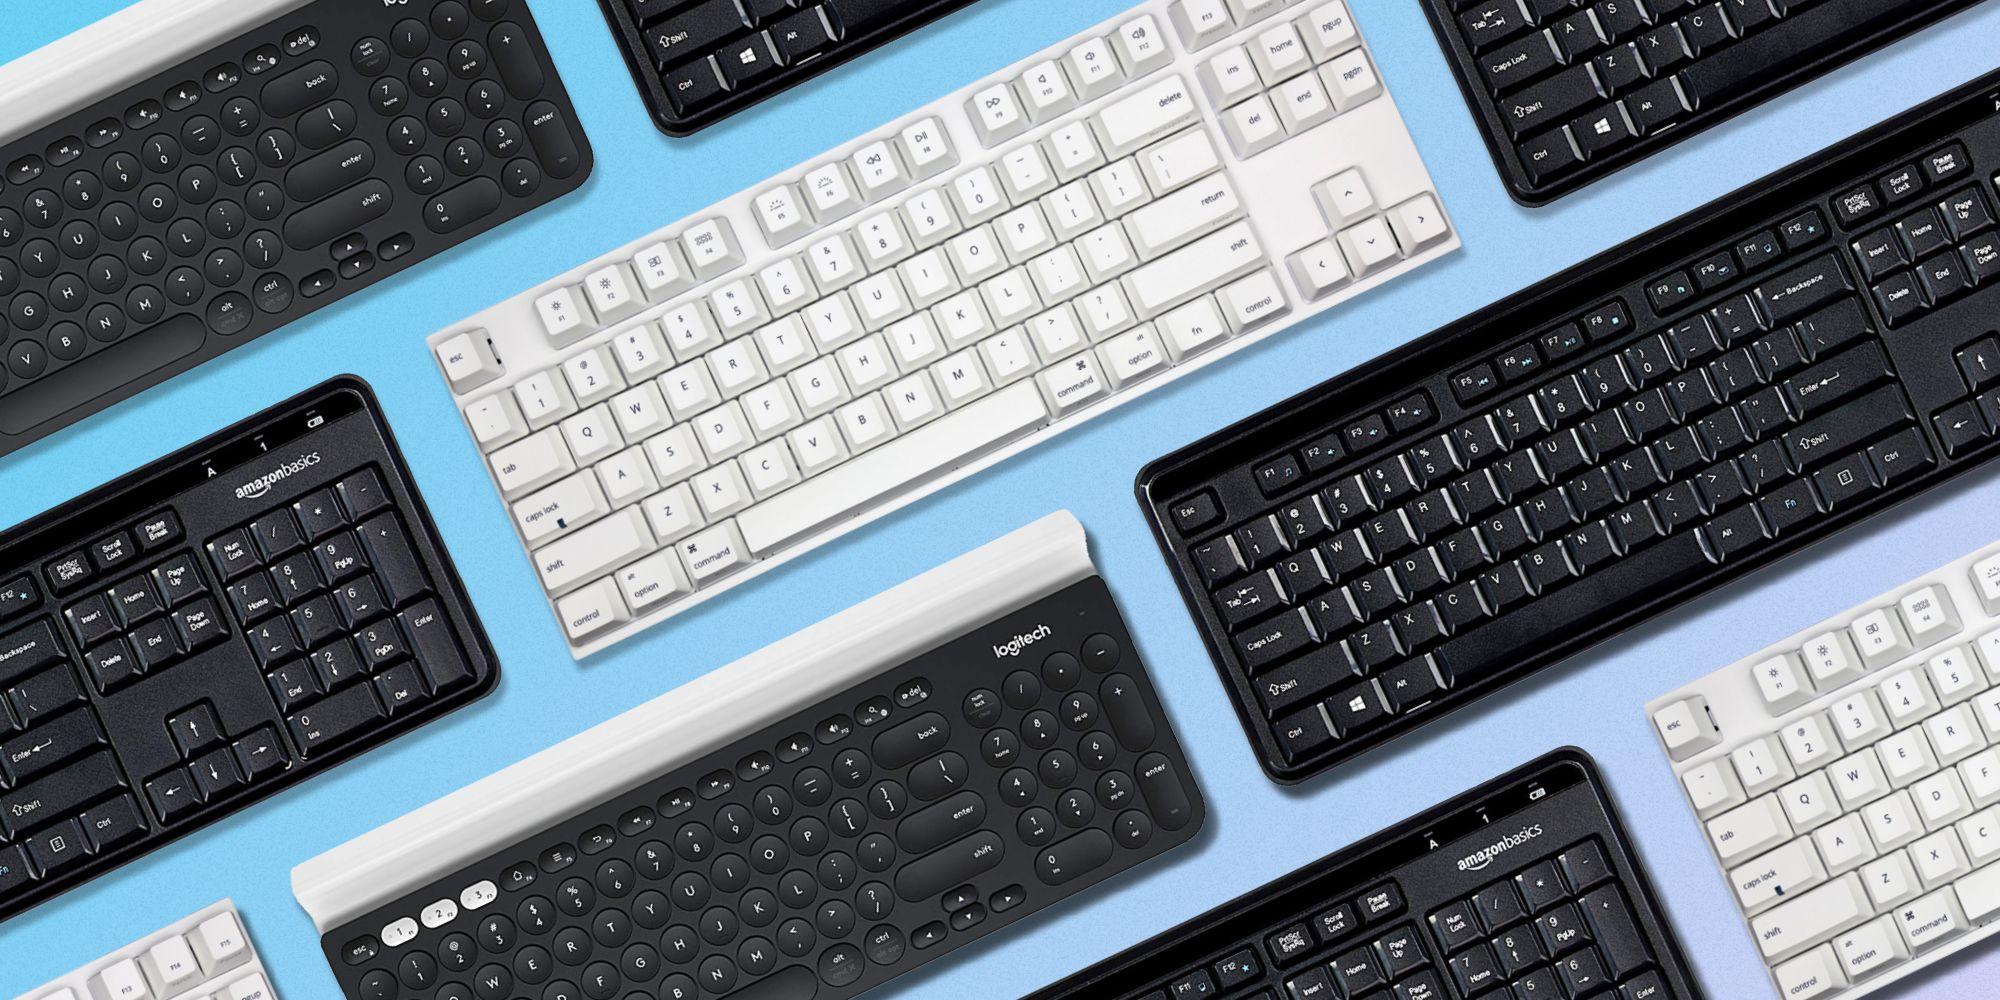 انواع صفحه کلید کامپیوتر